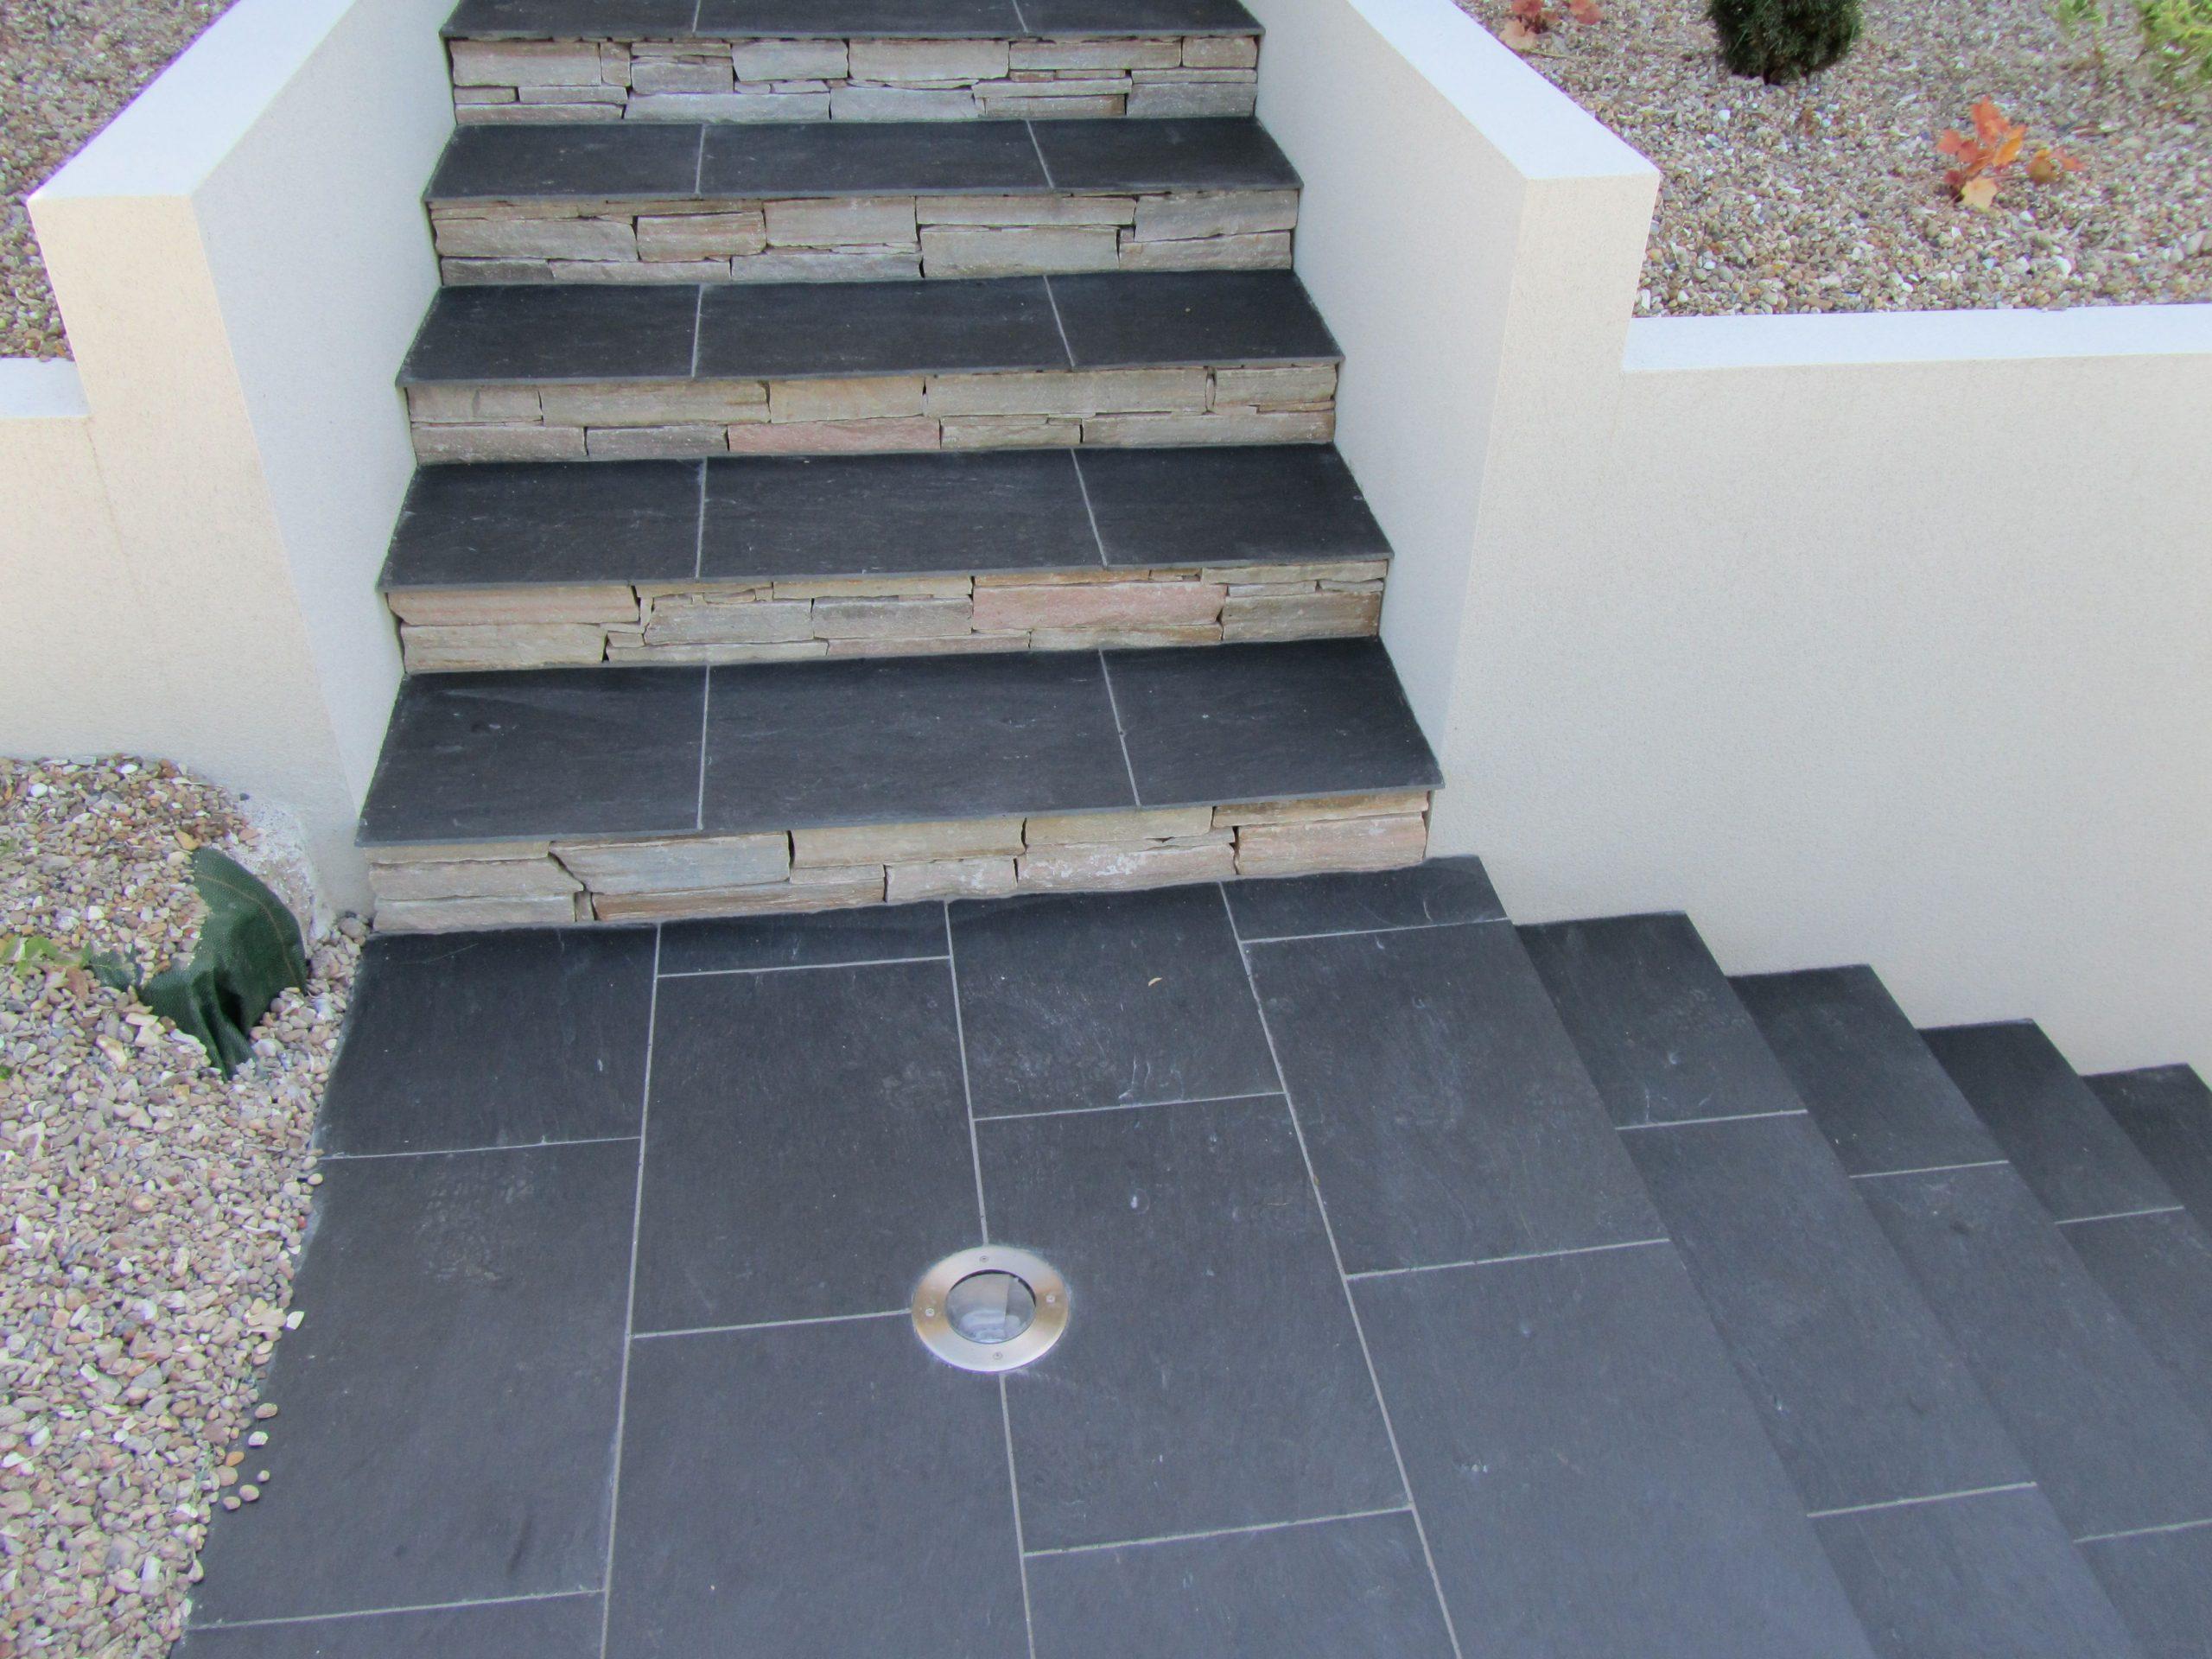 5Xx Error | Carrelage Escalier Extérieur, Escalier Extérieur ... pour Recouvrir Carrelage Sol Extérieur